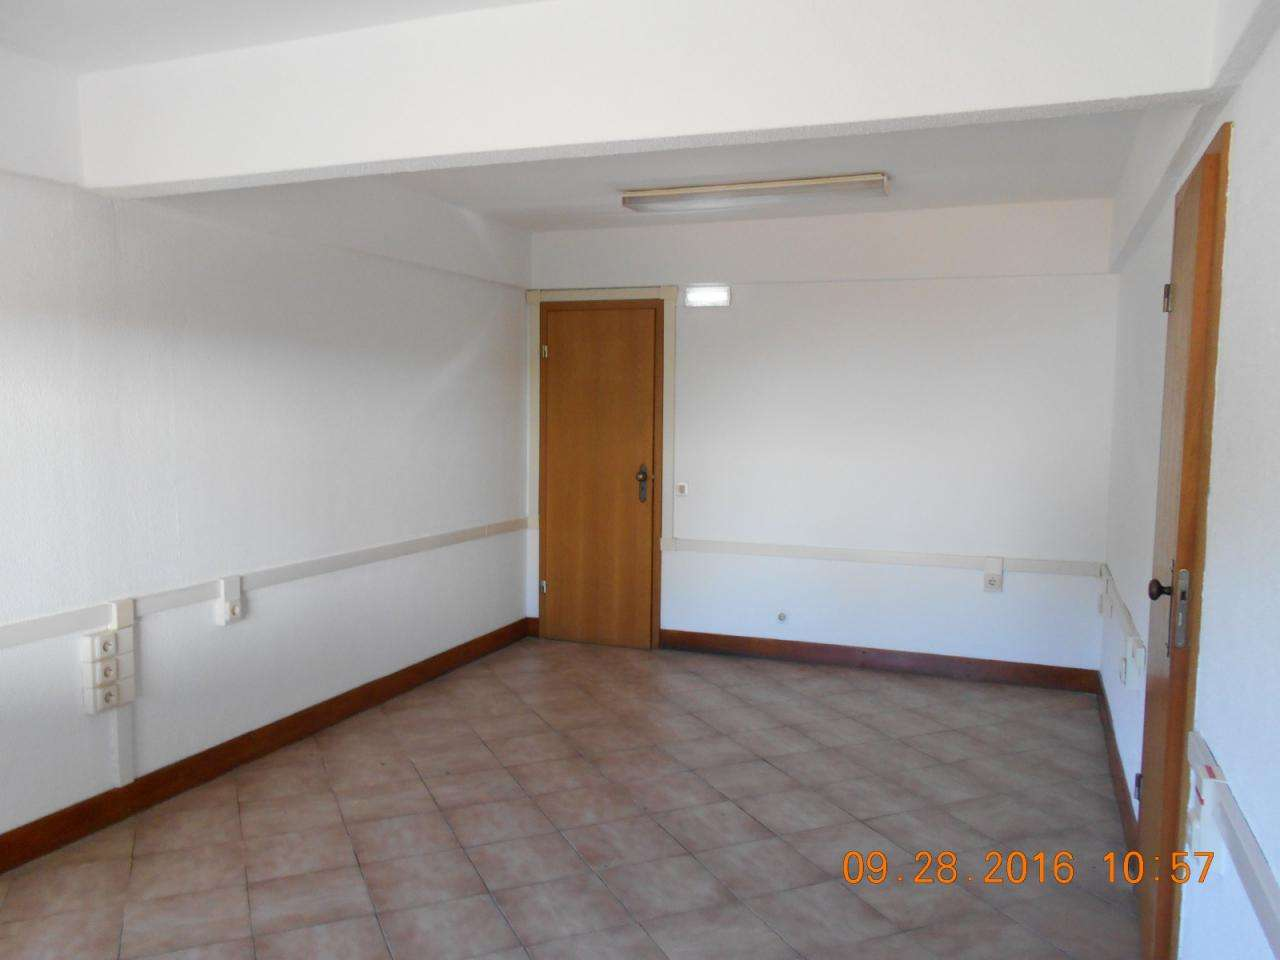 Escritório para arrendar, Sado, Setúbal - Foto 10